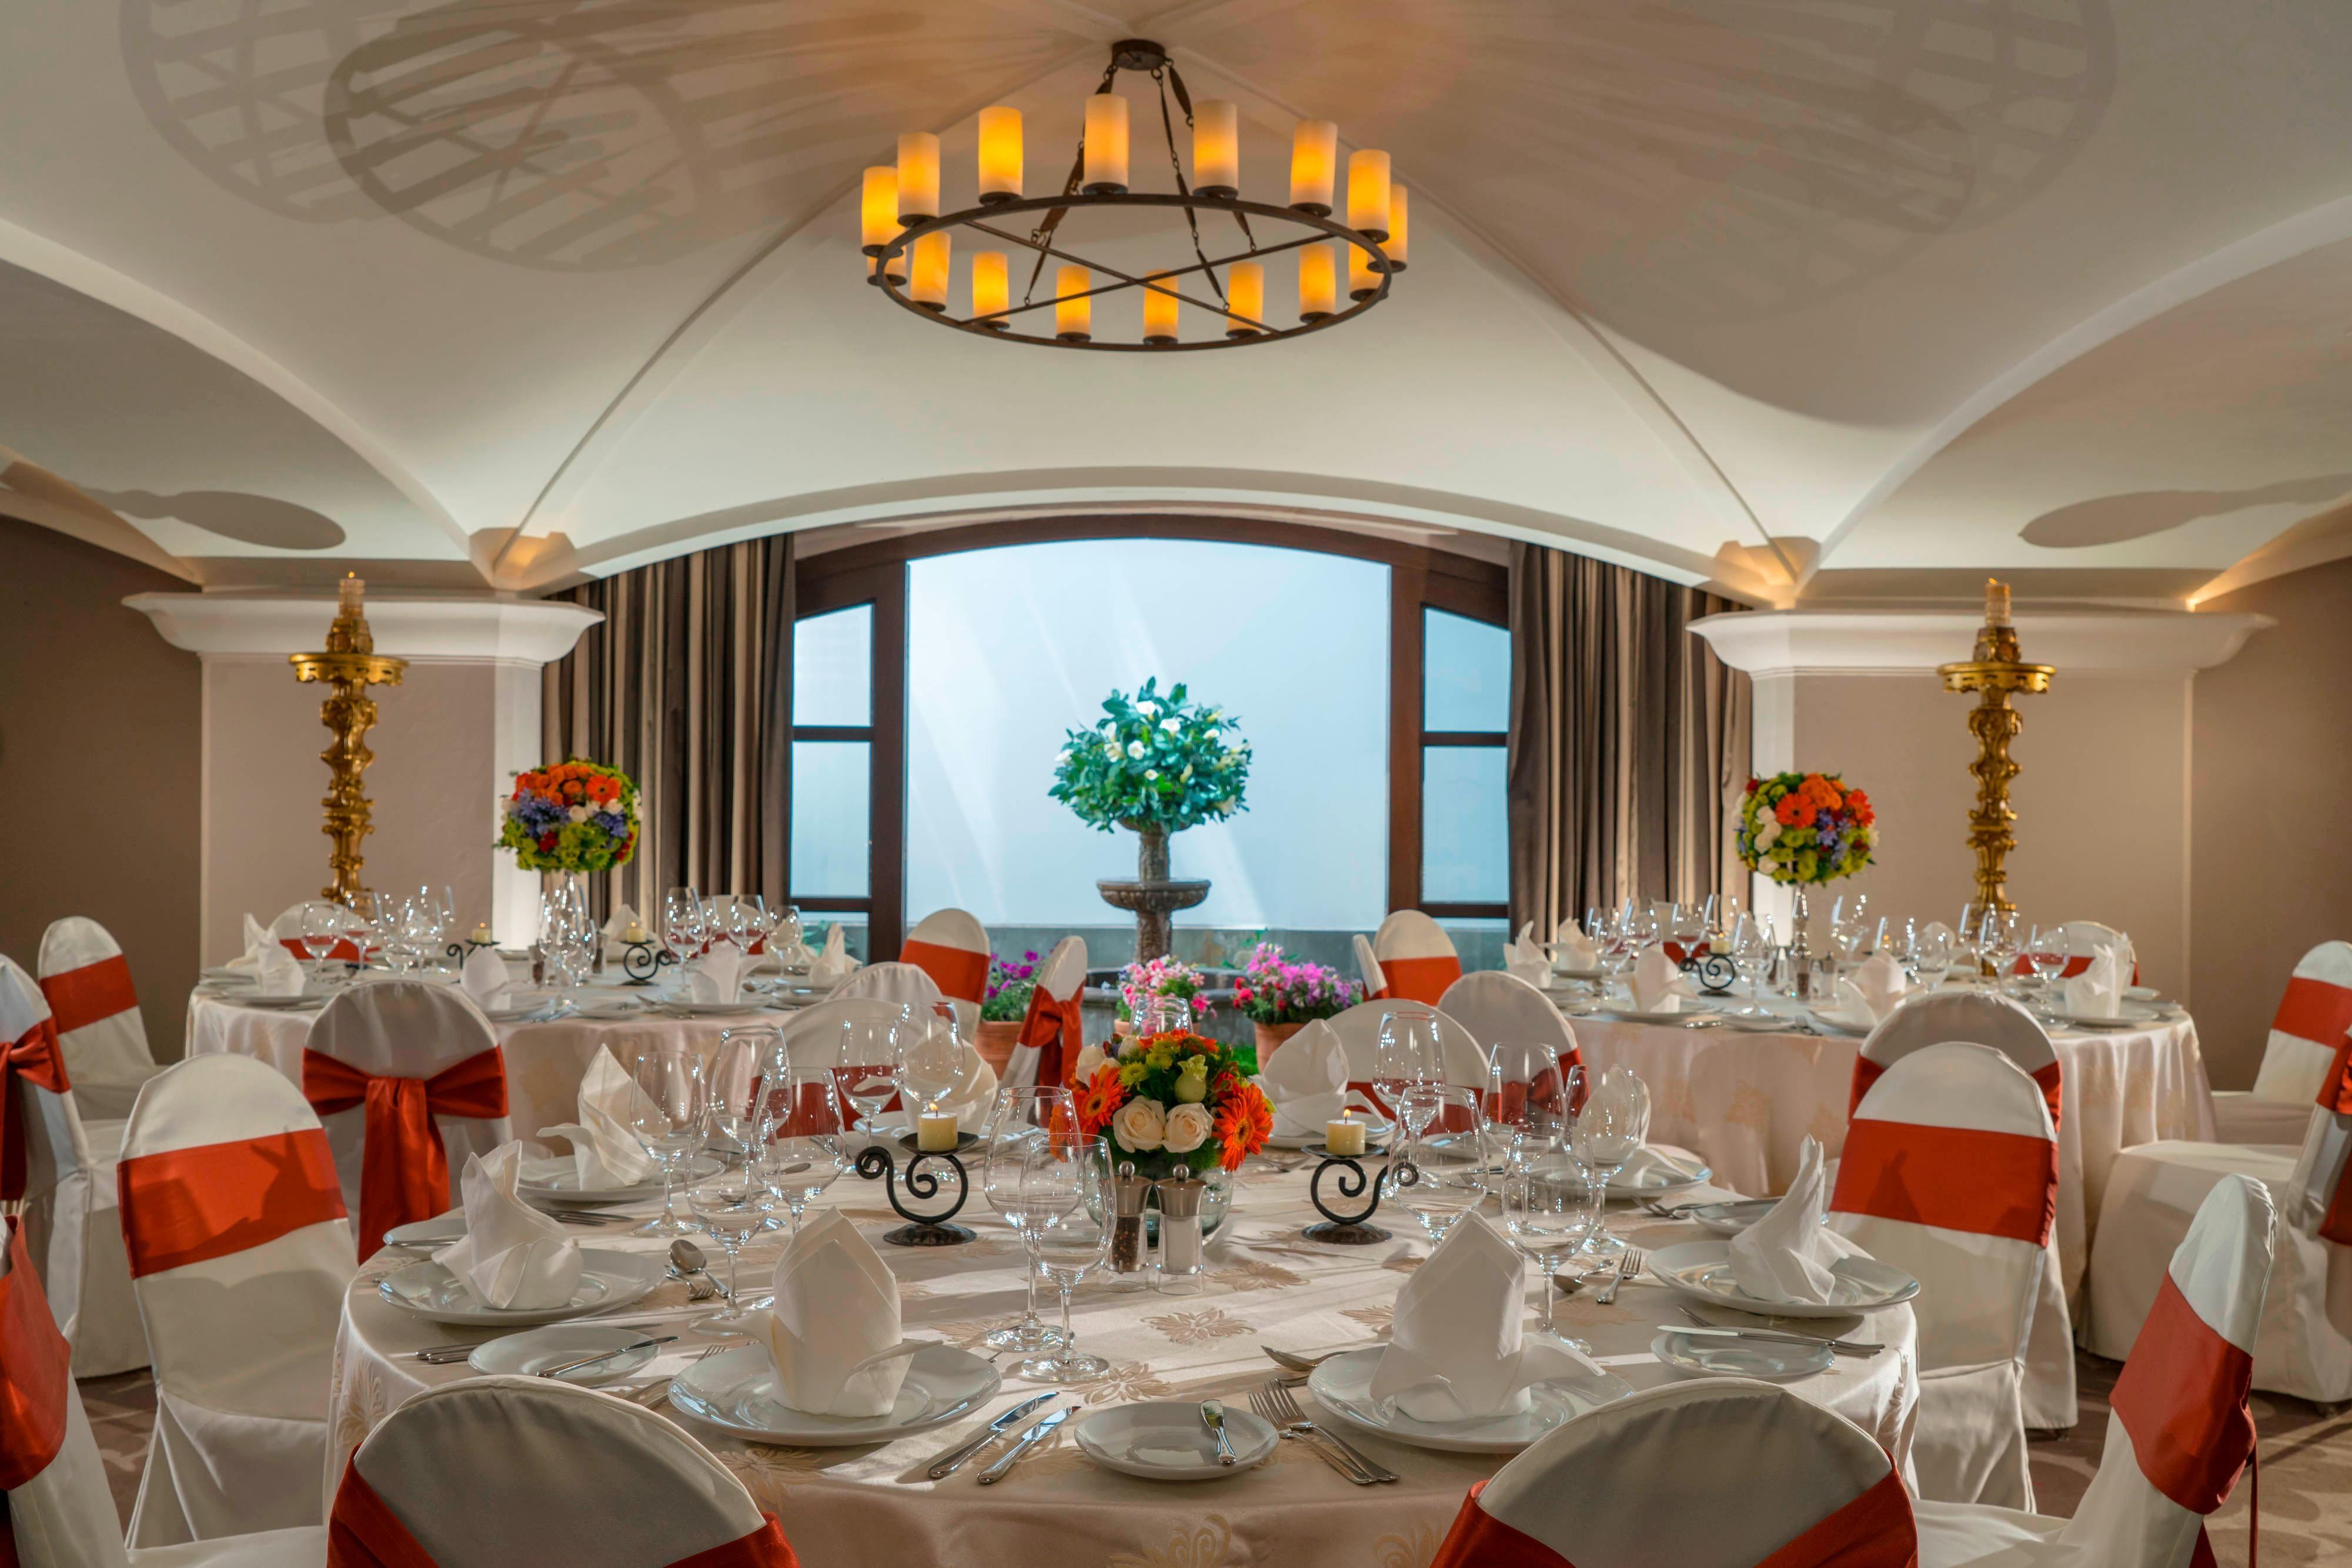 Kero Banquet Wedding